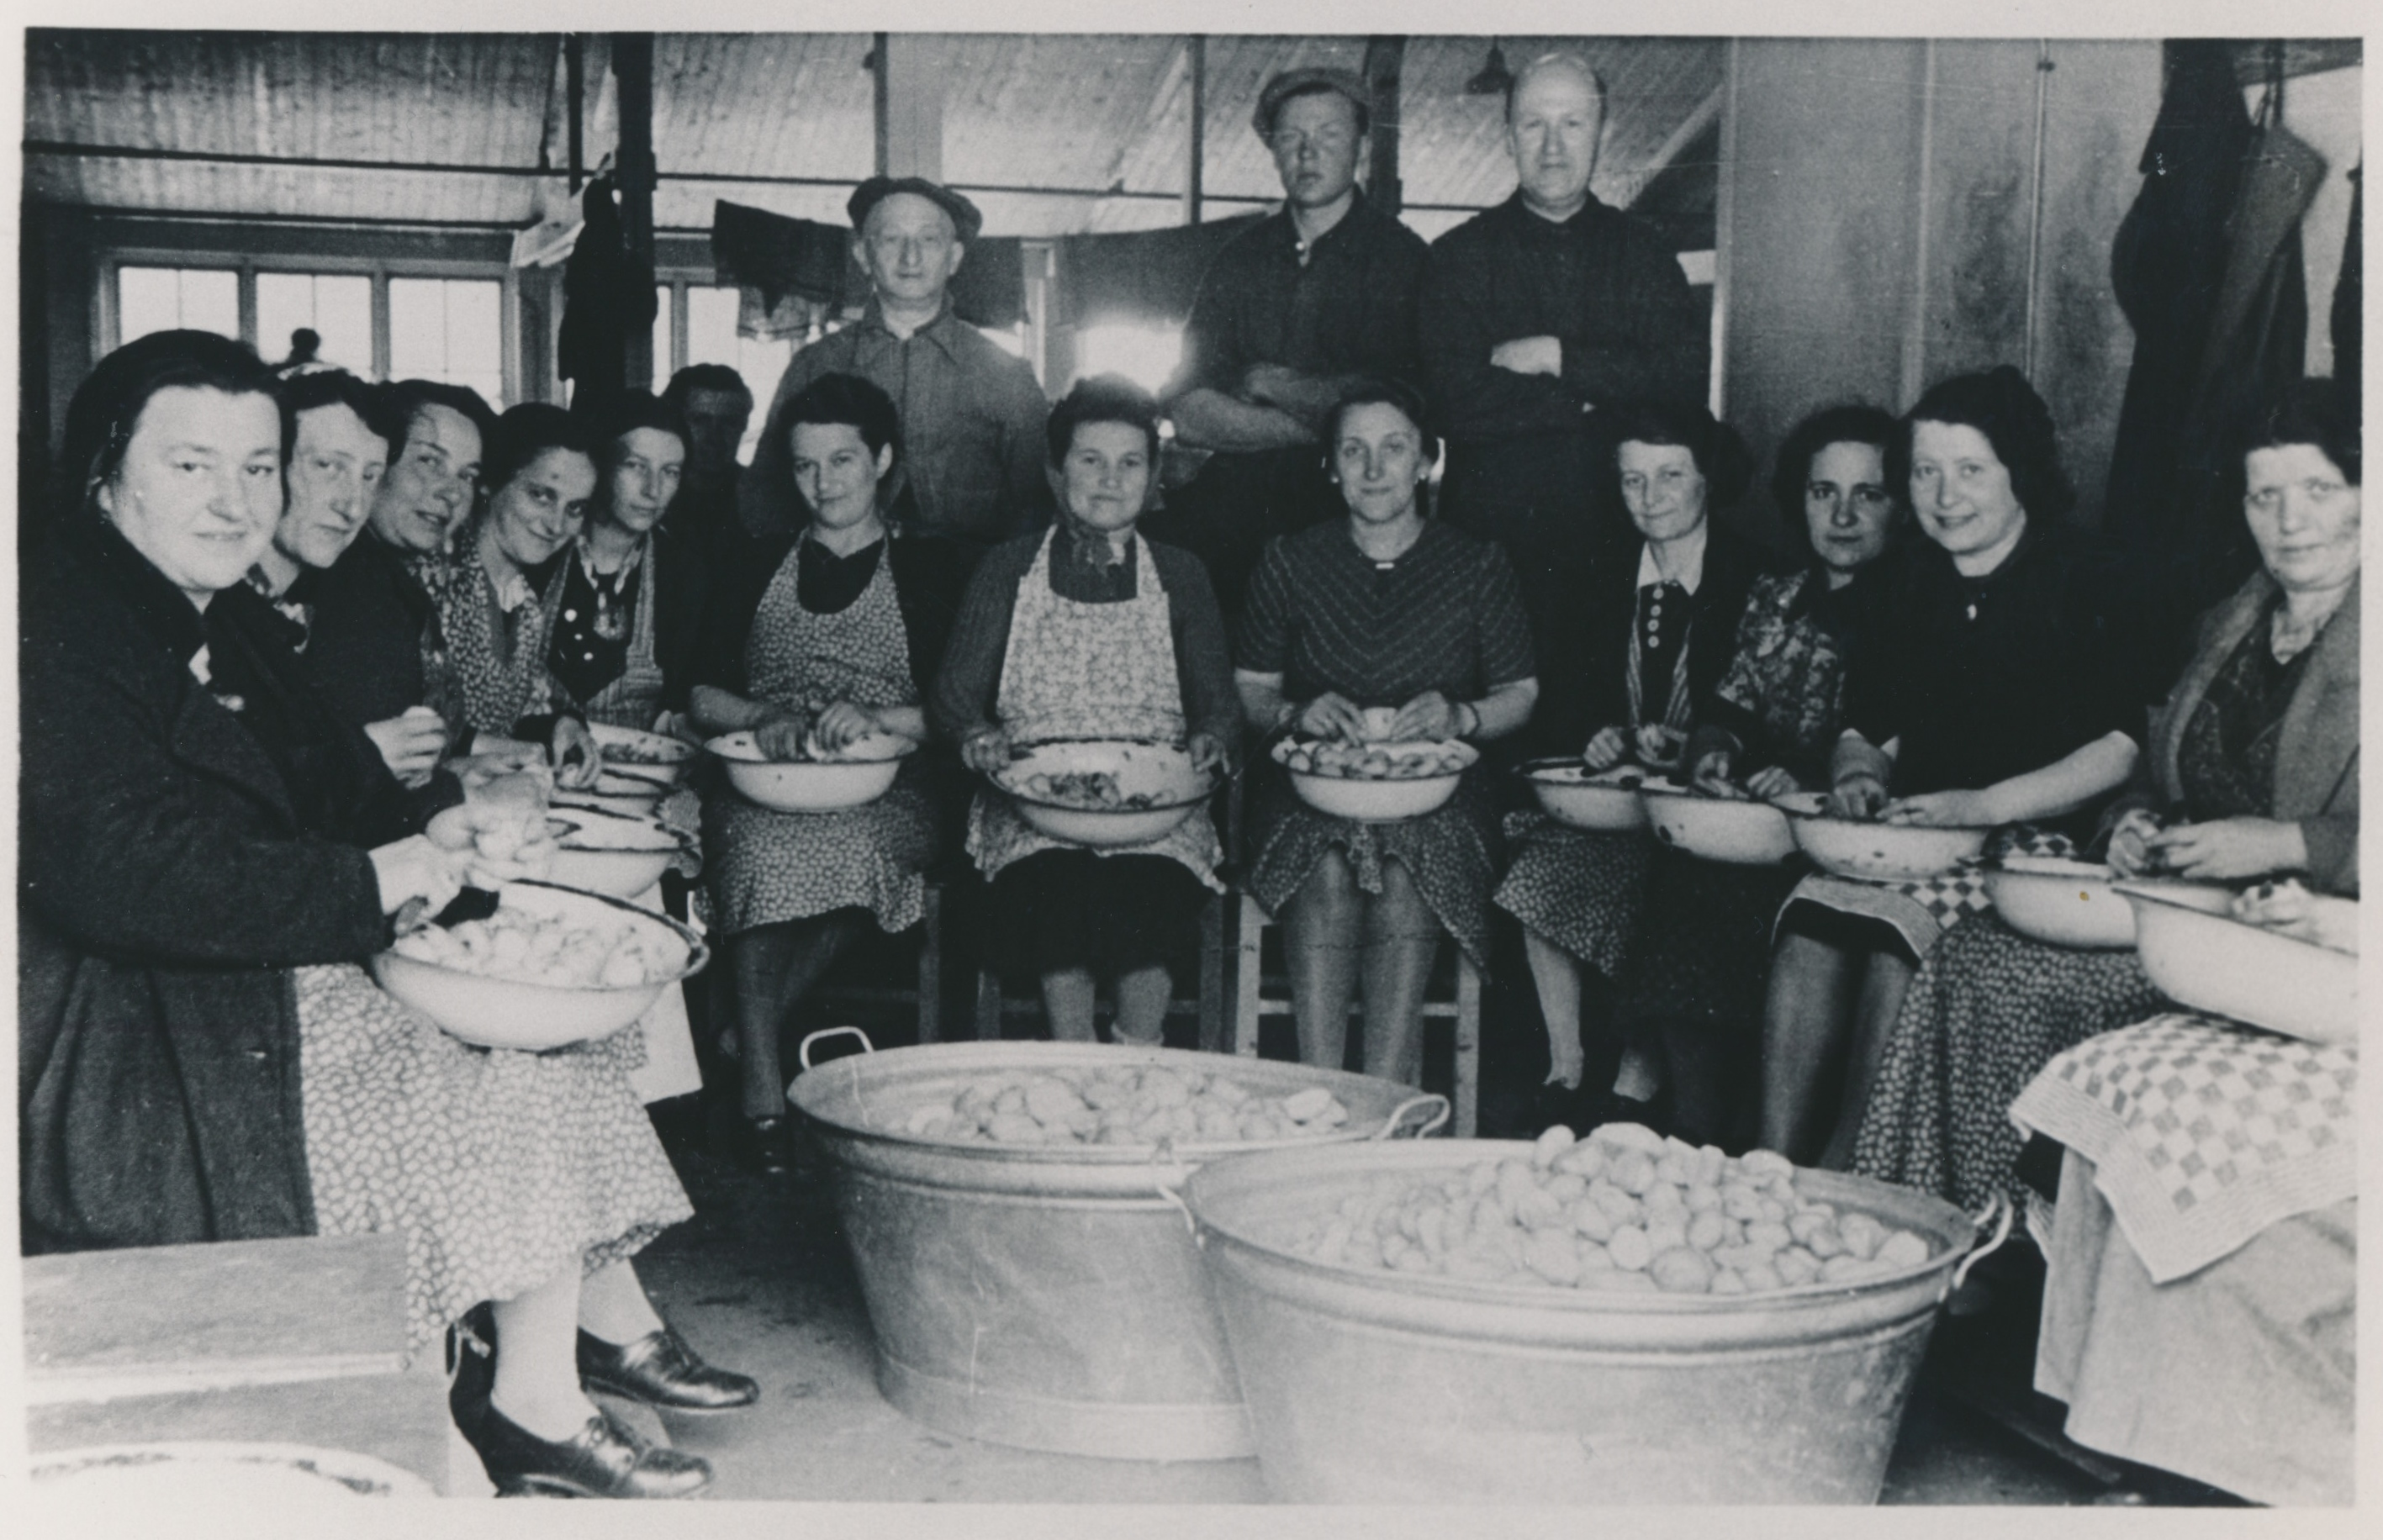 Vrouwen aan het werk in het levensmiddelenmagazijn (aardappelkeuken) van kamp Westerbork.